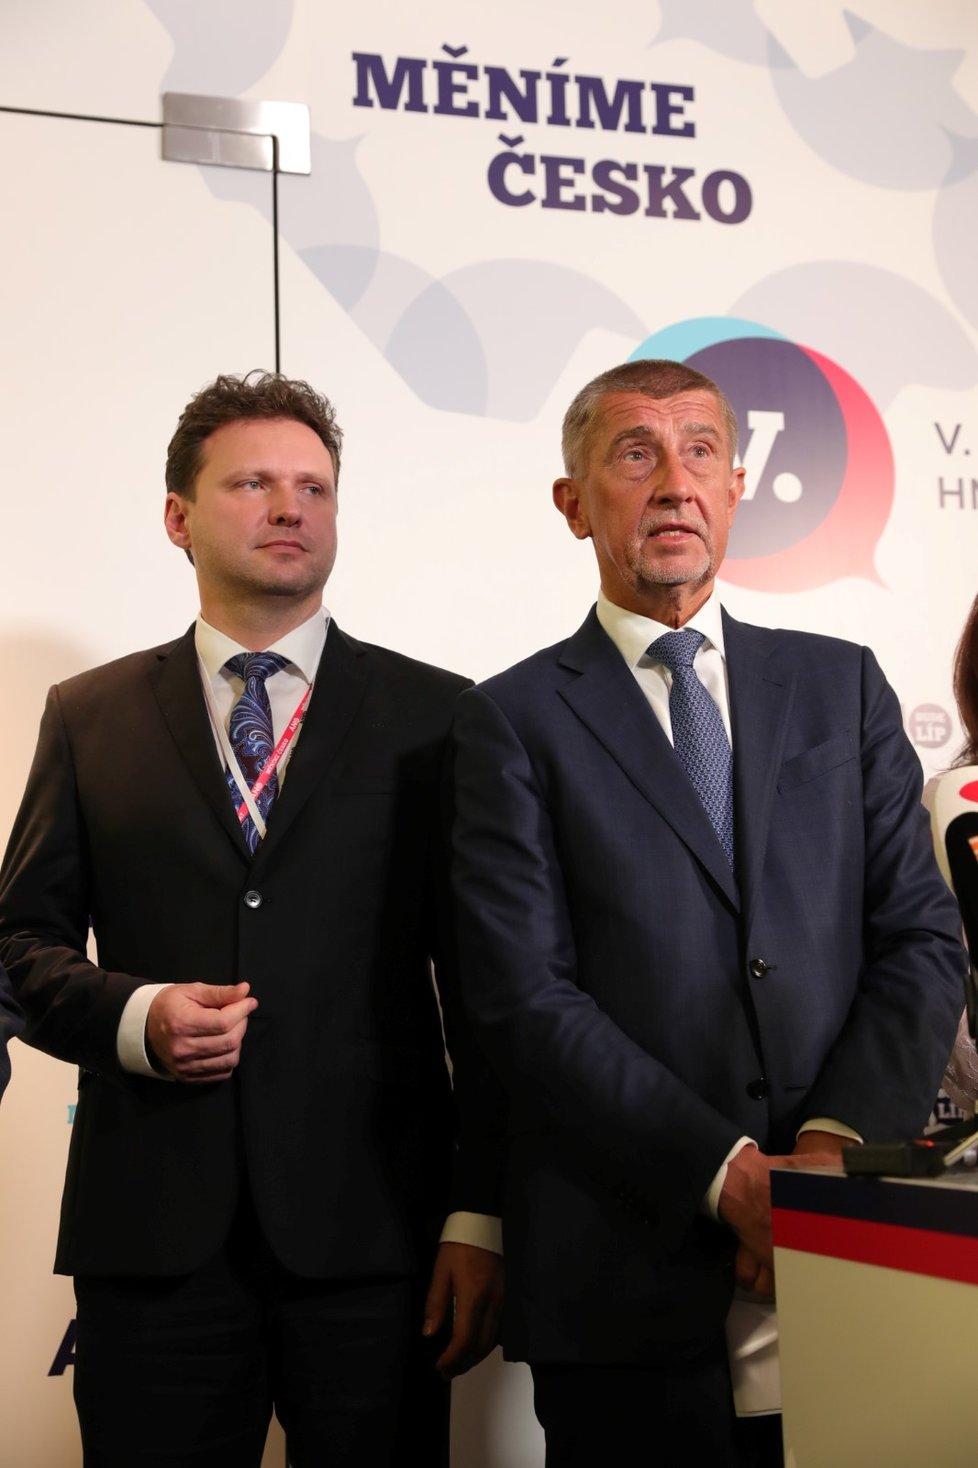 Premiér Andrej Babiš s novou posilou ve vedení hnutí ANO. Post předsedy po Martinu Stropnické převzal Radek Vondráček (17. 2. 2019)